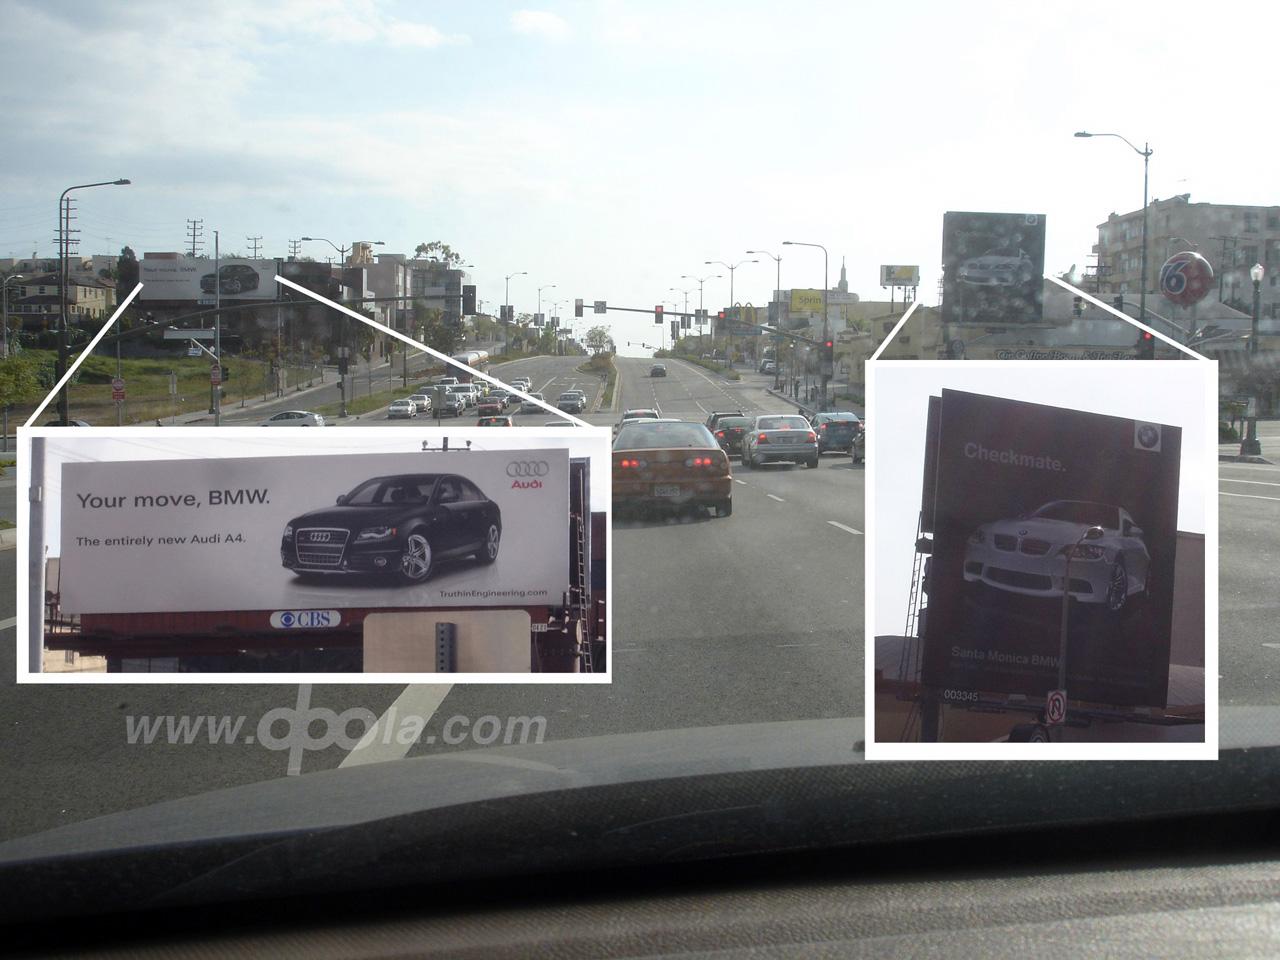 Ambos anuncios